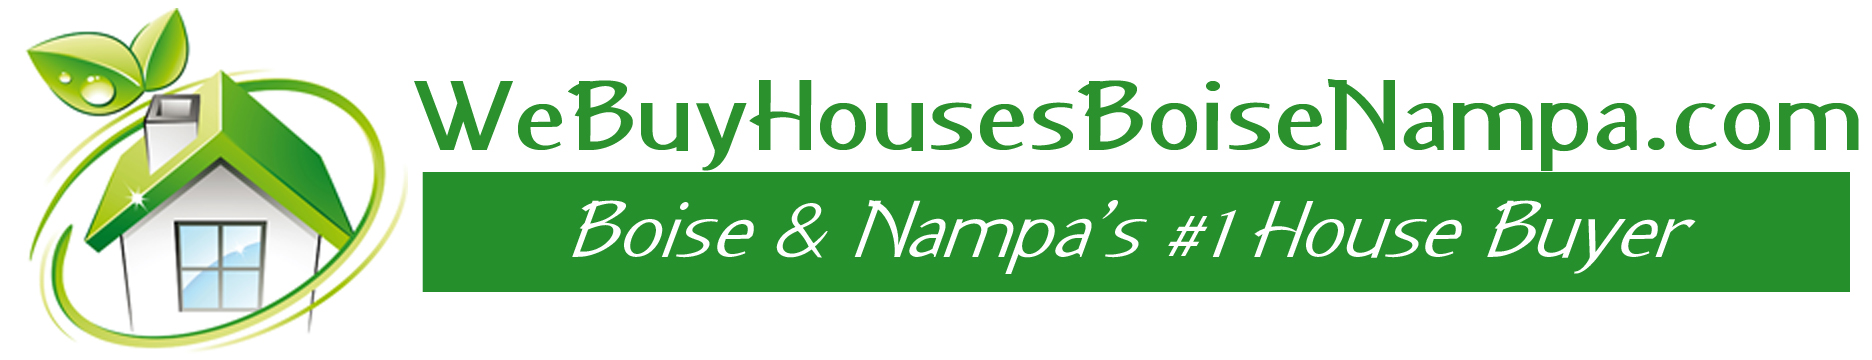 We Buy Houses in Boise-Nampa